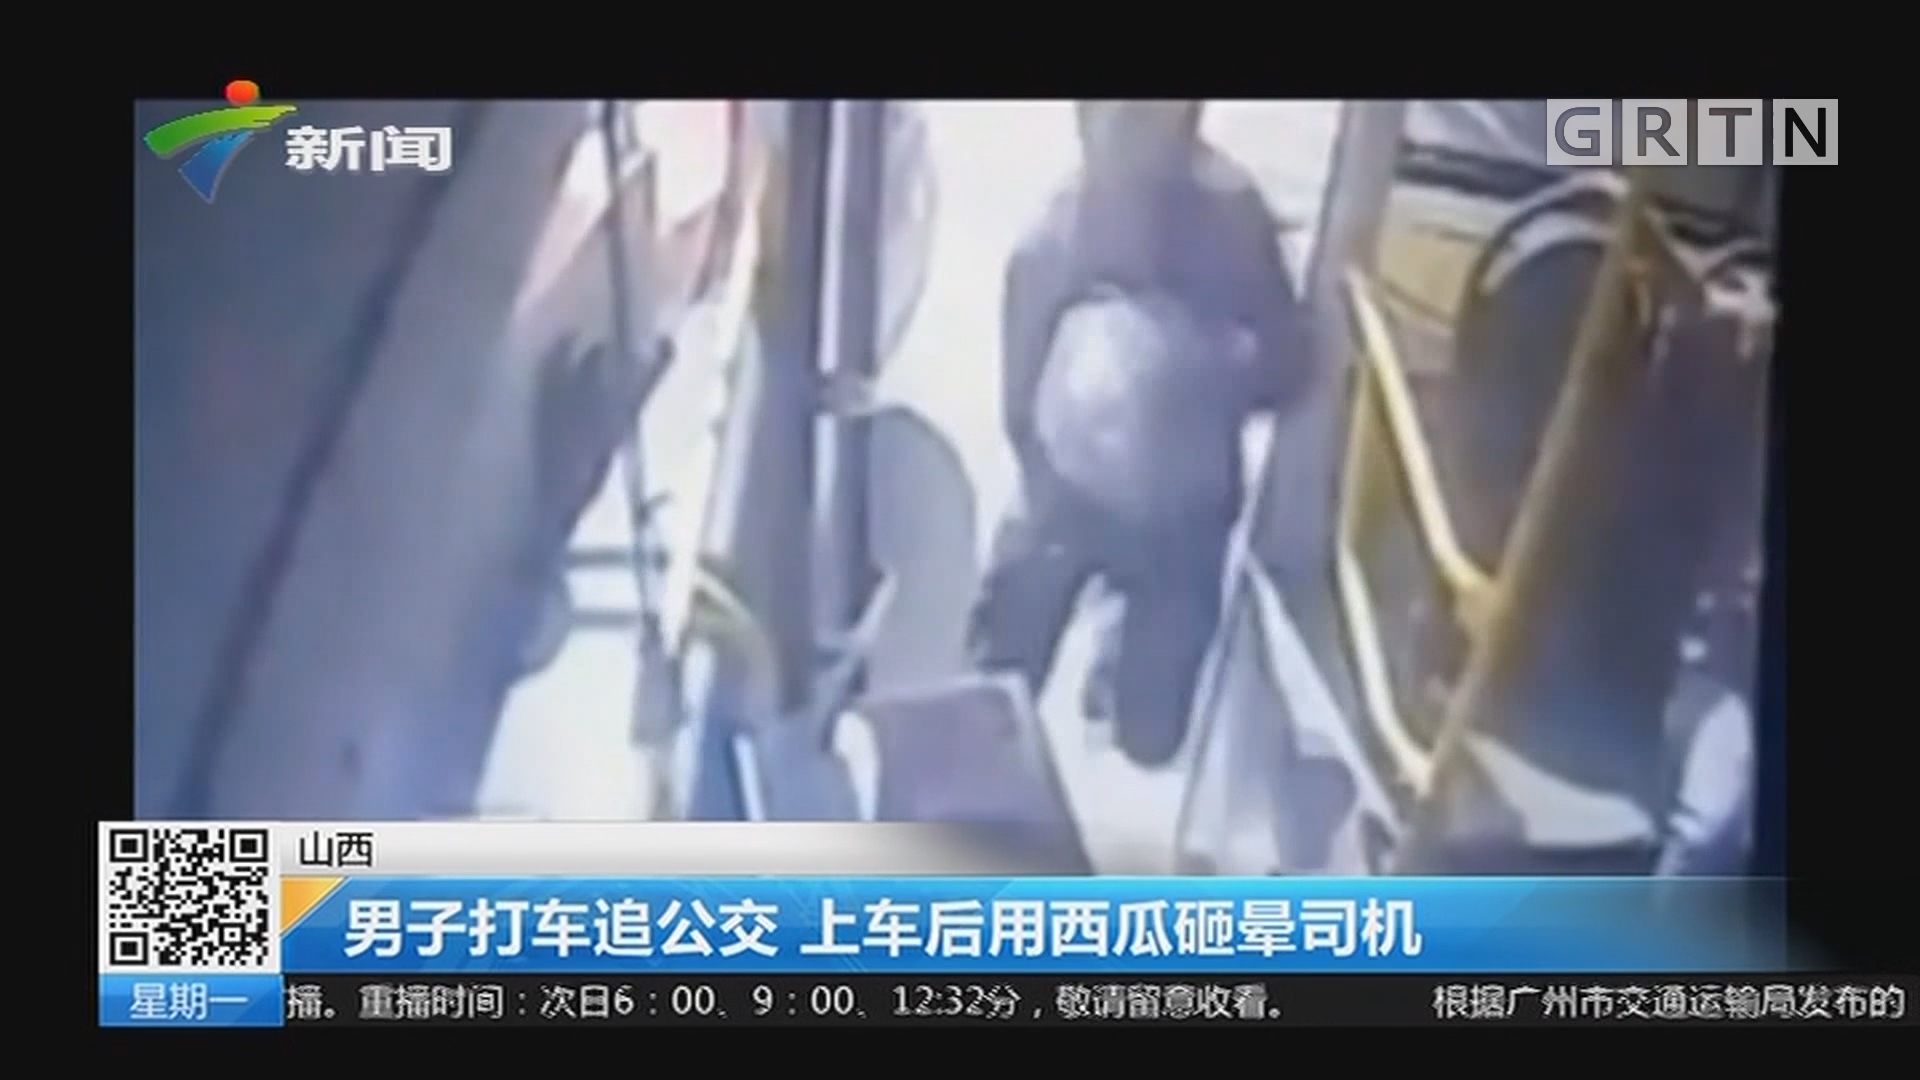 山西:男子打车追公交 上车后用西瓜砸晕司机